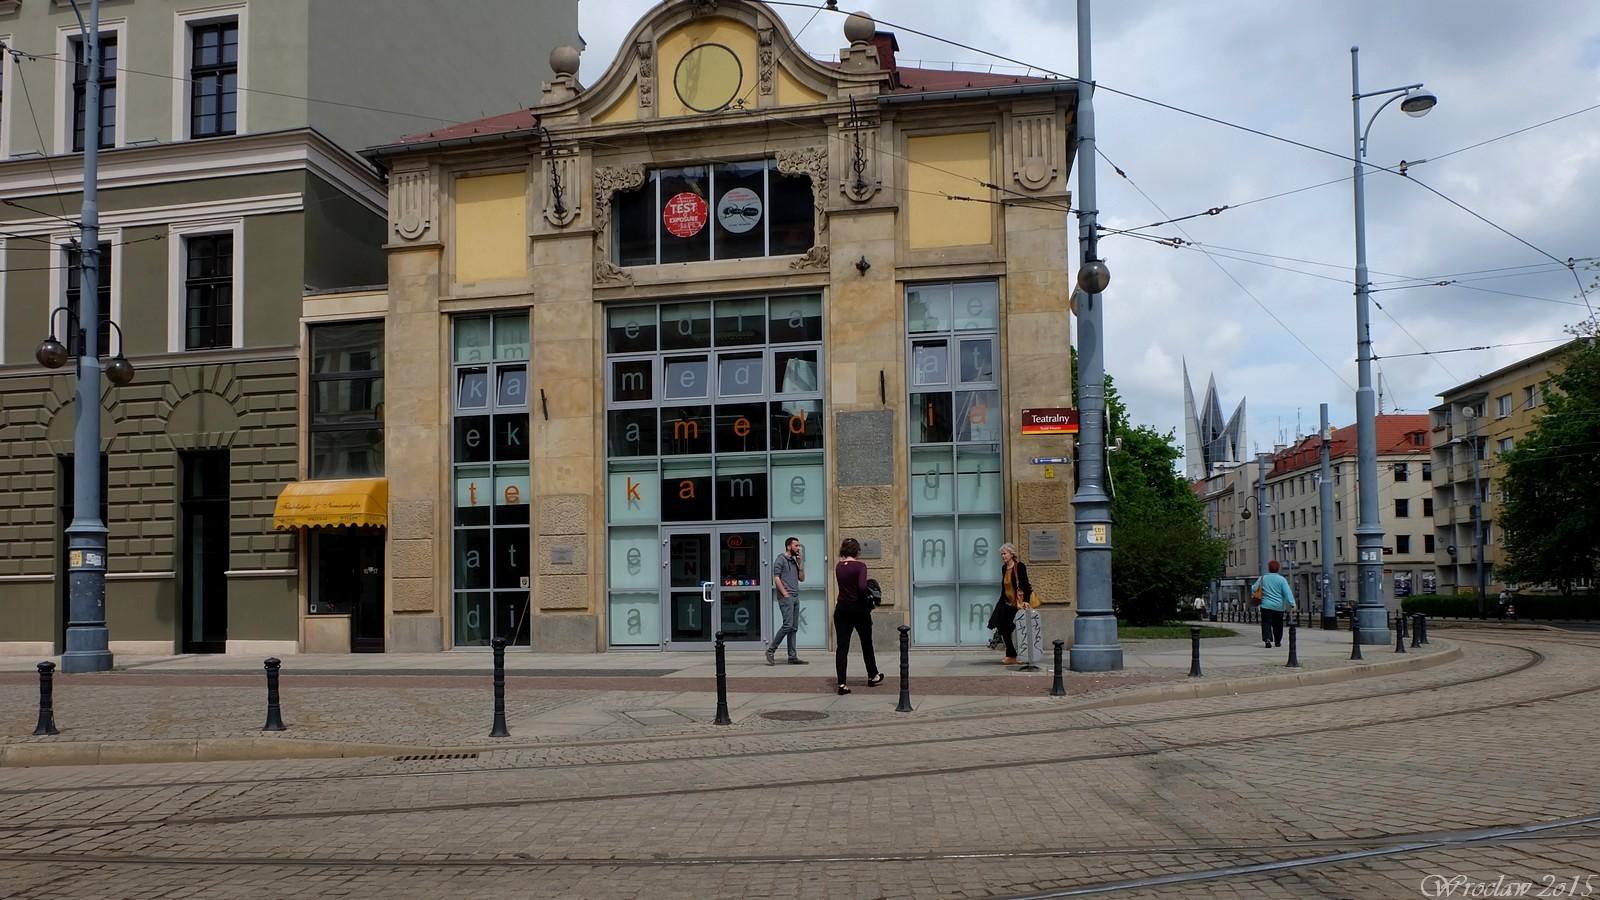 Plac Teatralny, Wroclaw, Poland